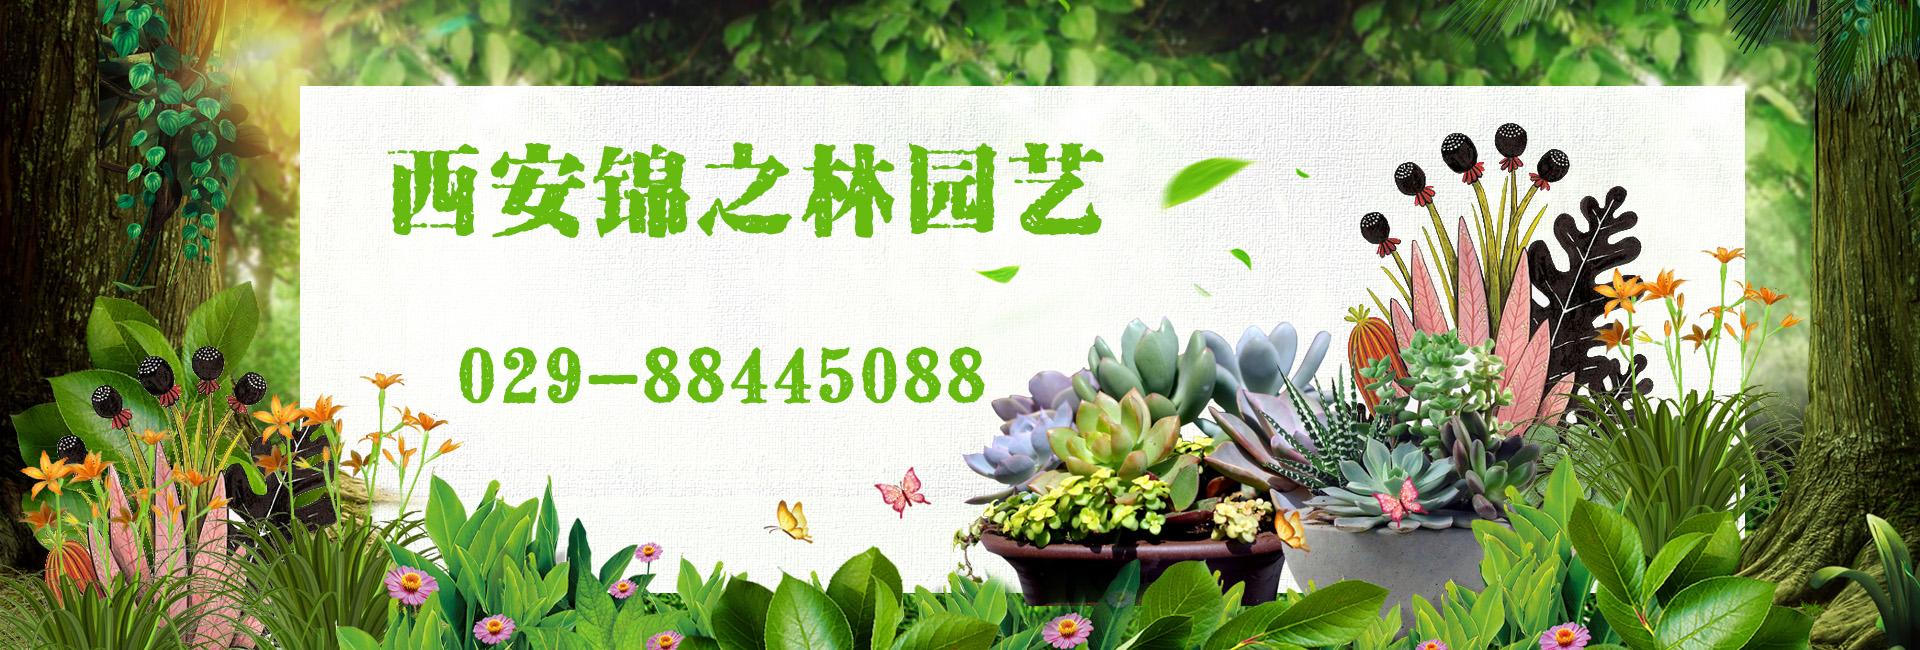 西安绿植租赁